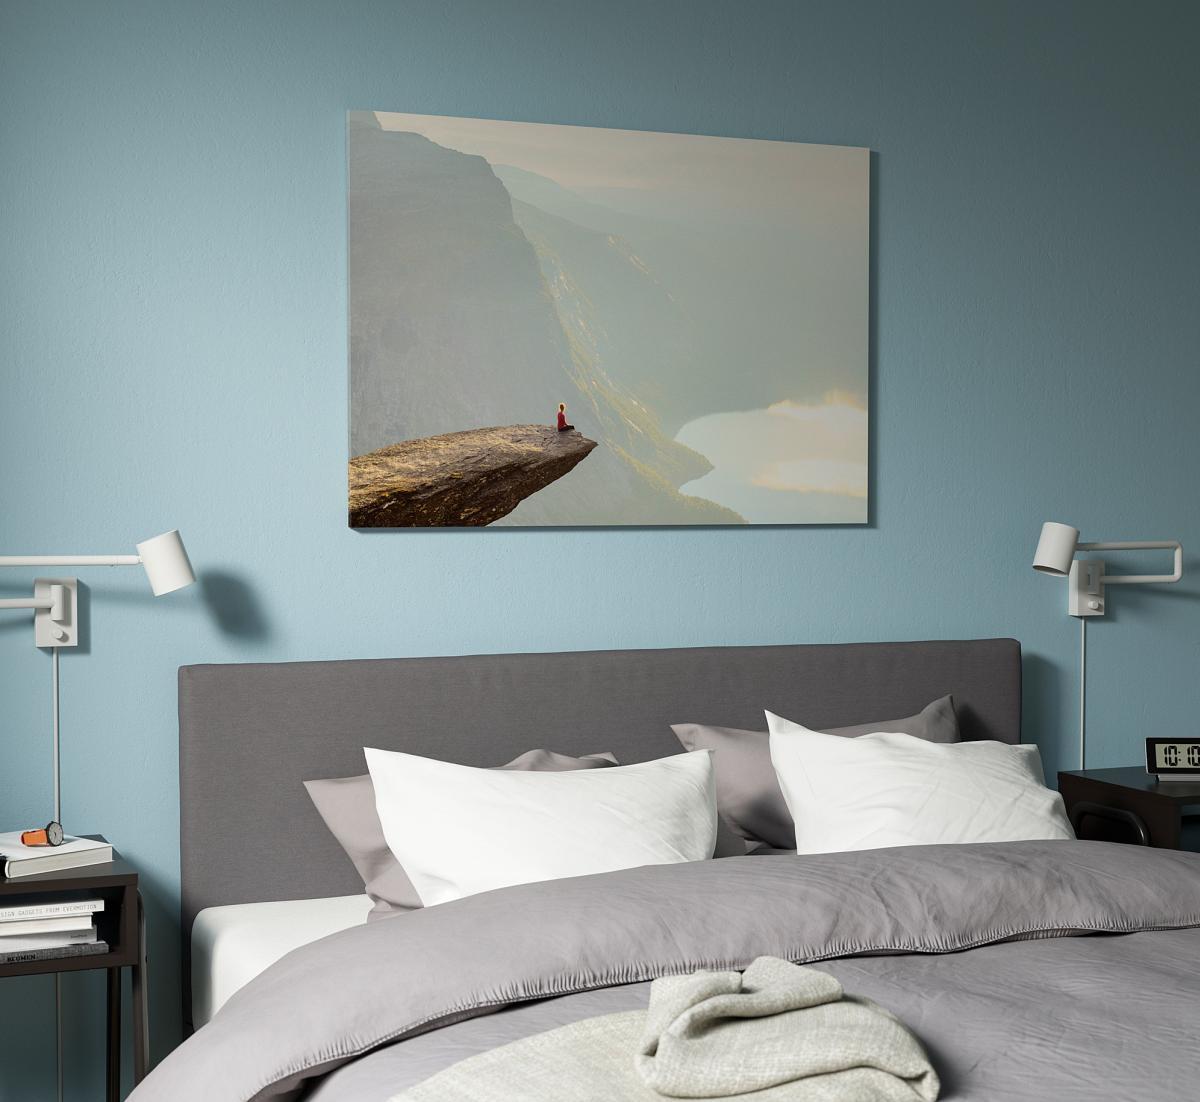 ❥ coccolare il vostro soggiorno o camera da letto con questo elegante. Stampe E Quadri Moderni Astratti Famosi Migliori Amazon E Ikea Guida Alla Scelta 123 Design